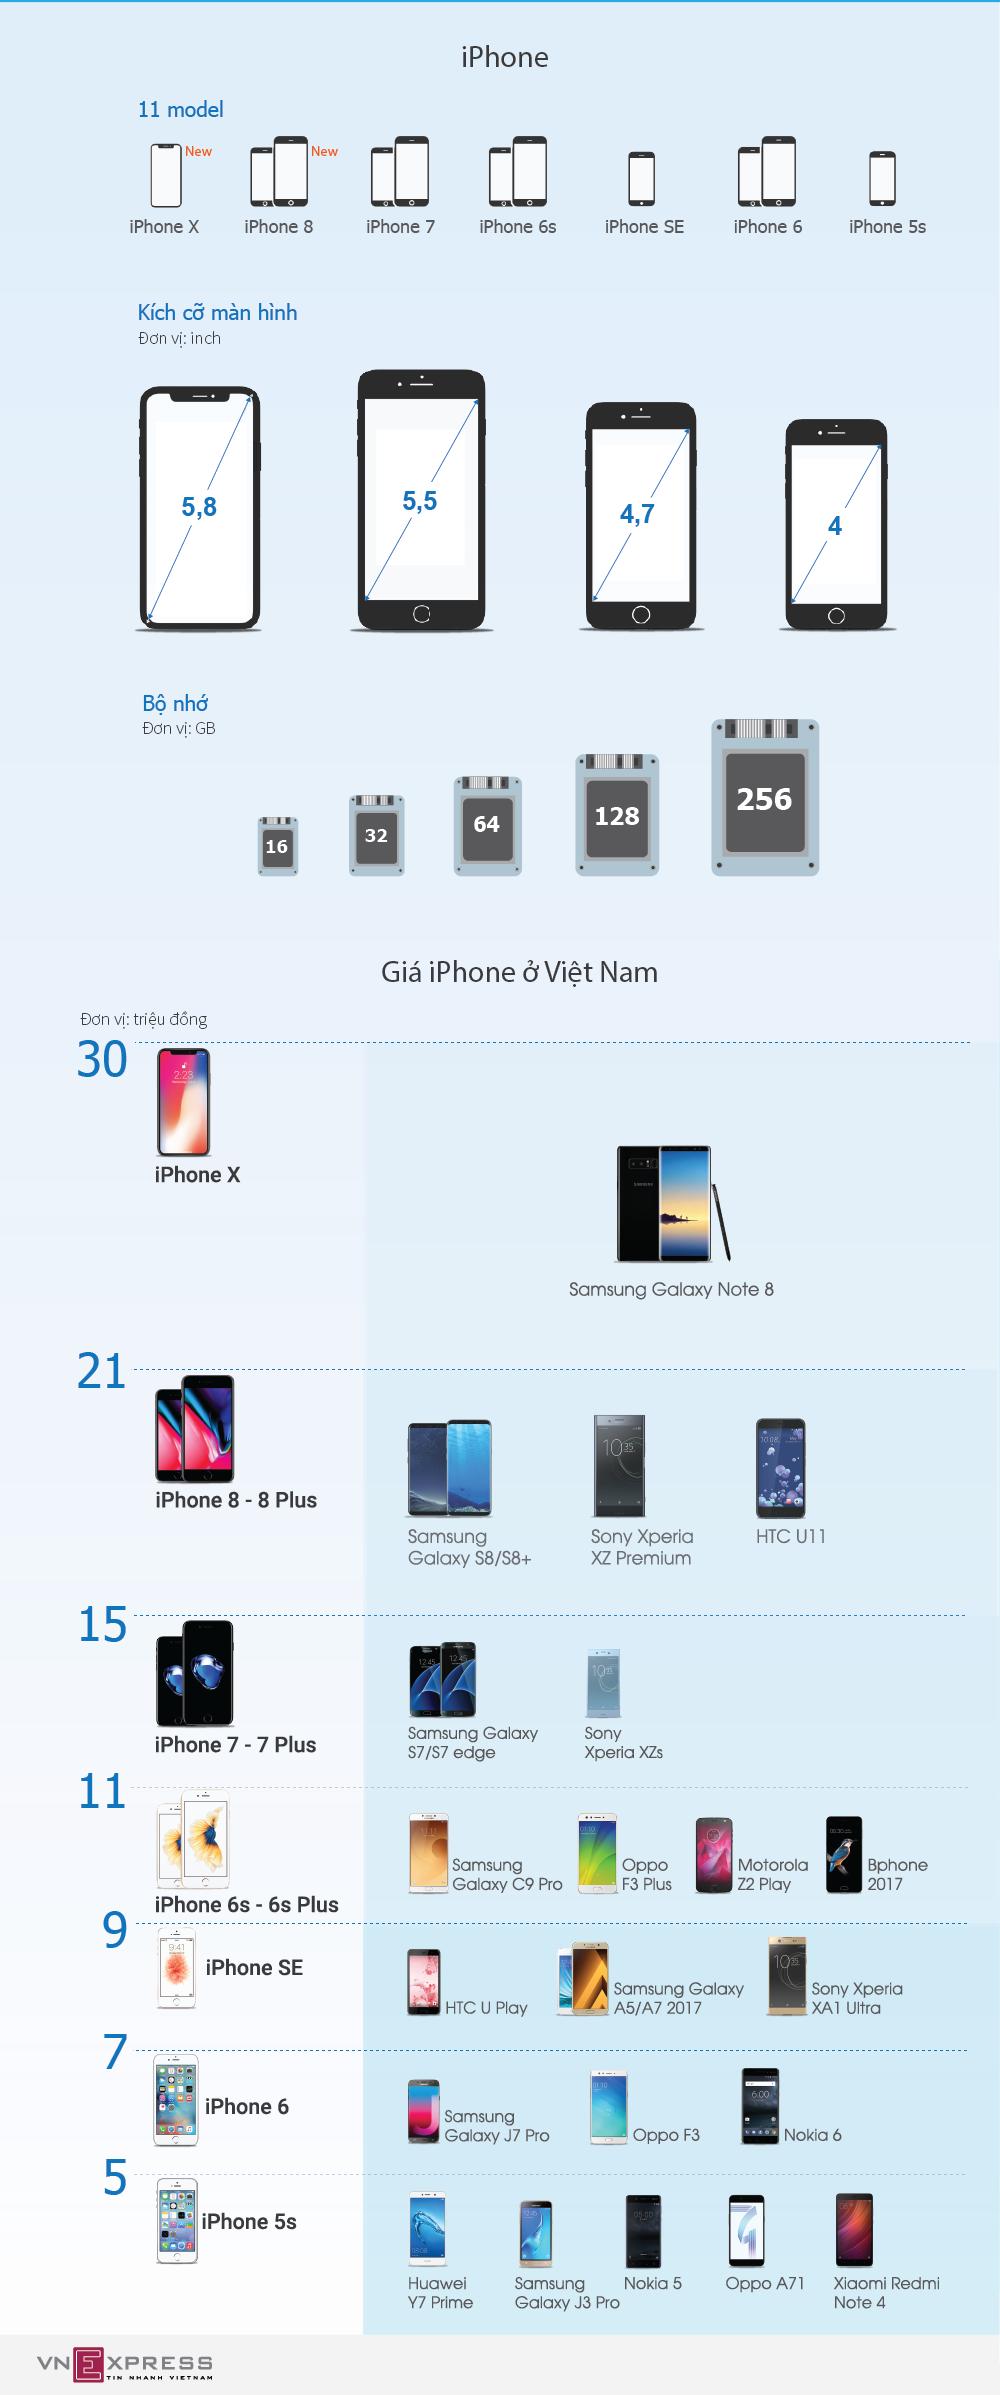 iPhone và các đối thủ cùng phân khúc